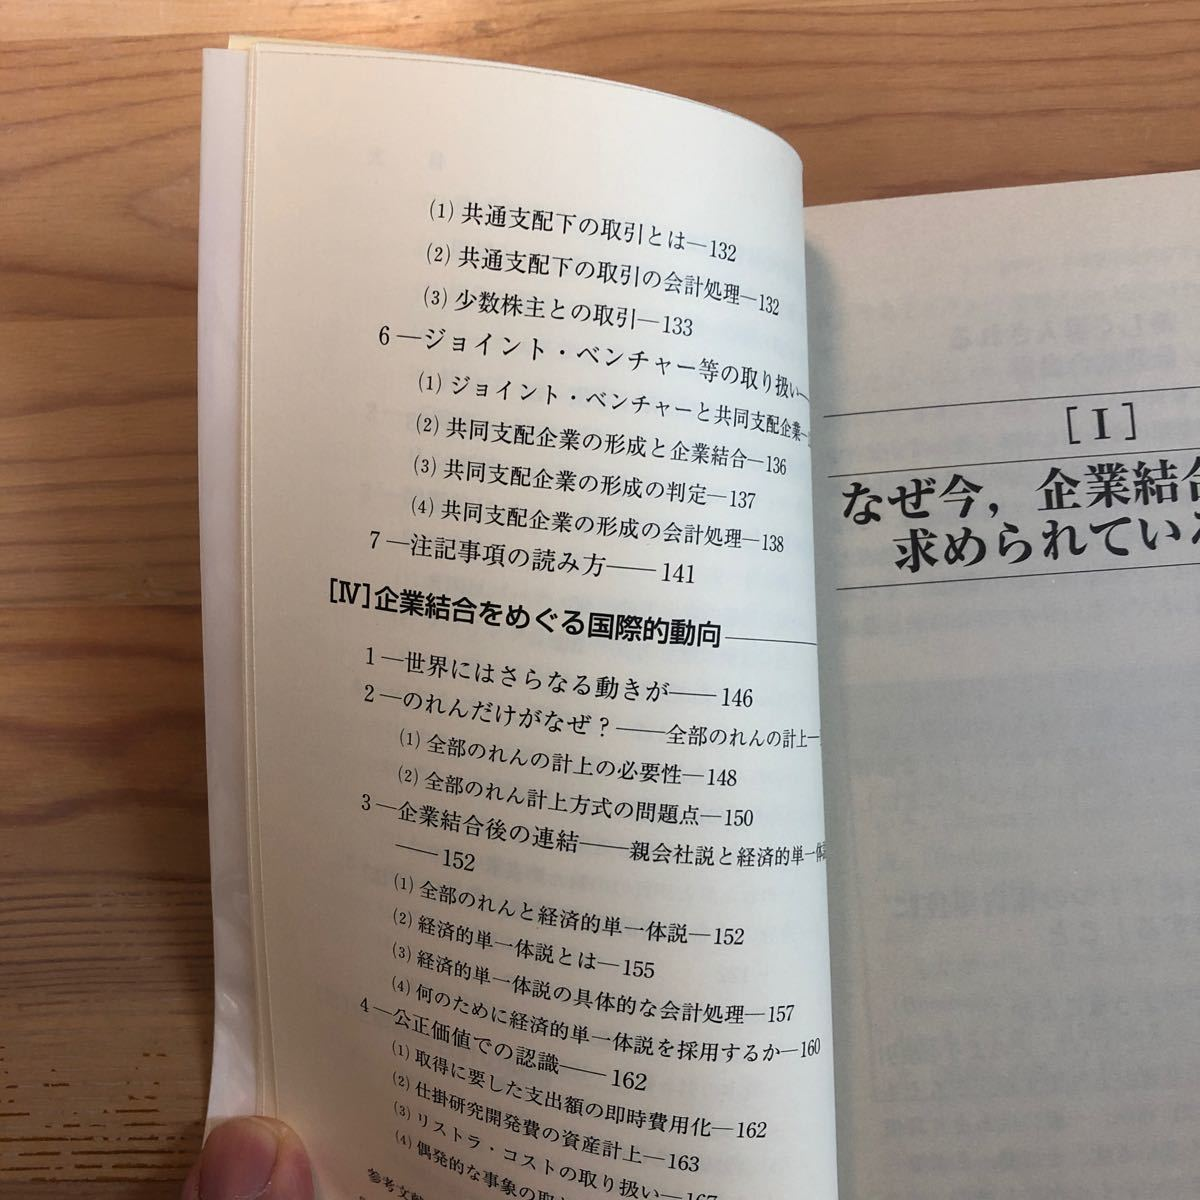 企業結合会計の知識 関根愛子 日経文庫